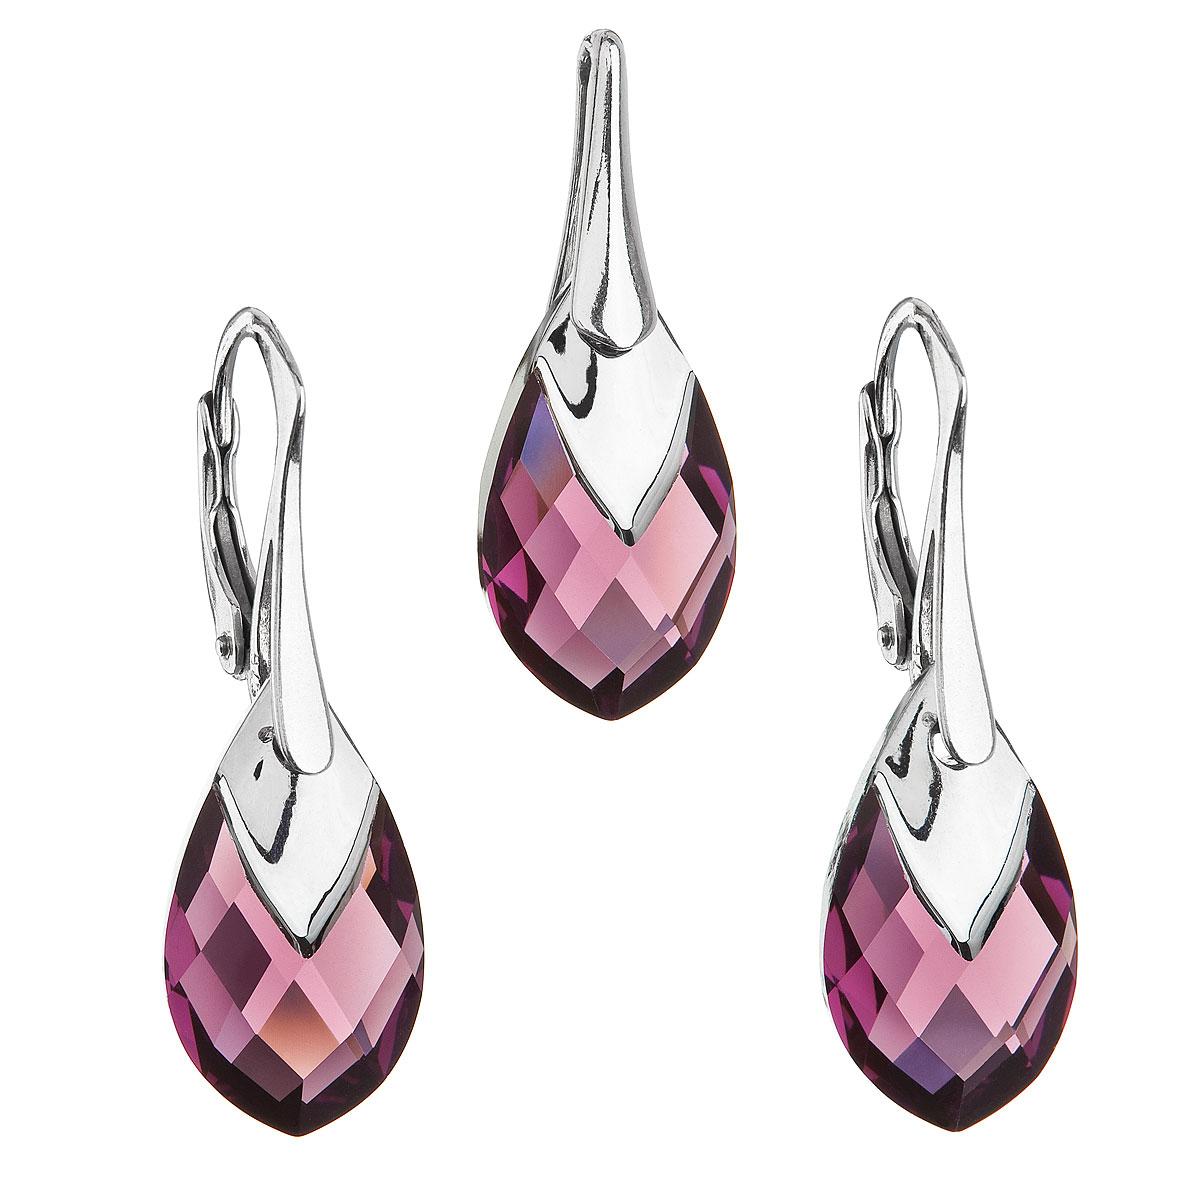 Sada šperků s krystaly Swarovski náušnice a přívěsek fialová slza 39169.4 amethyst